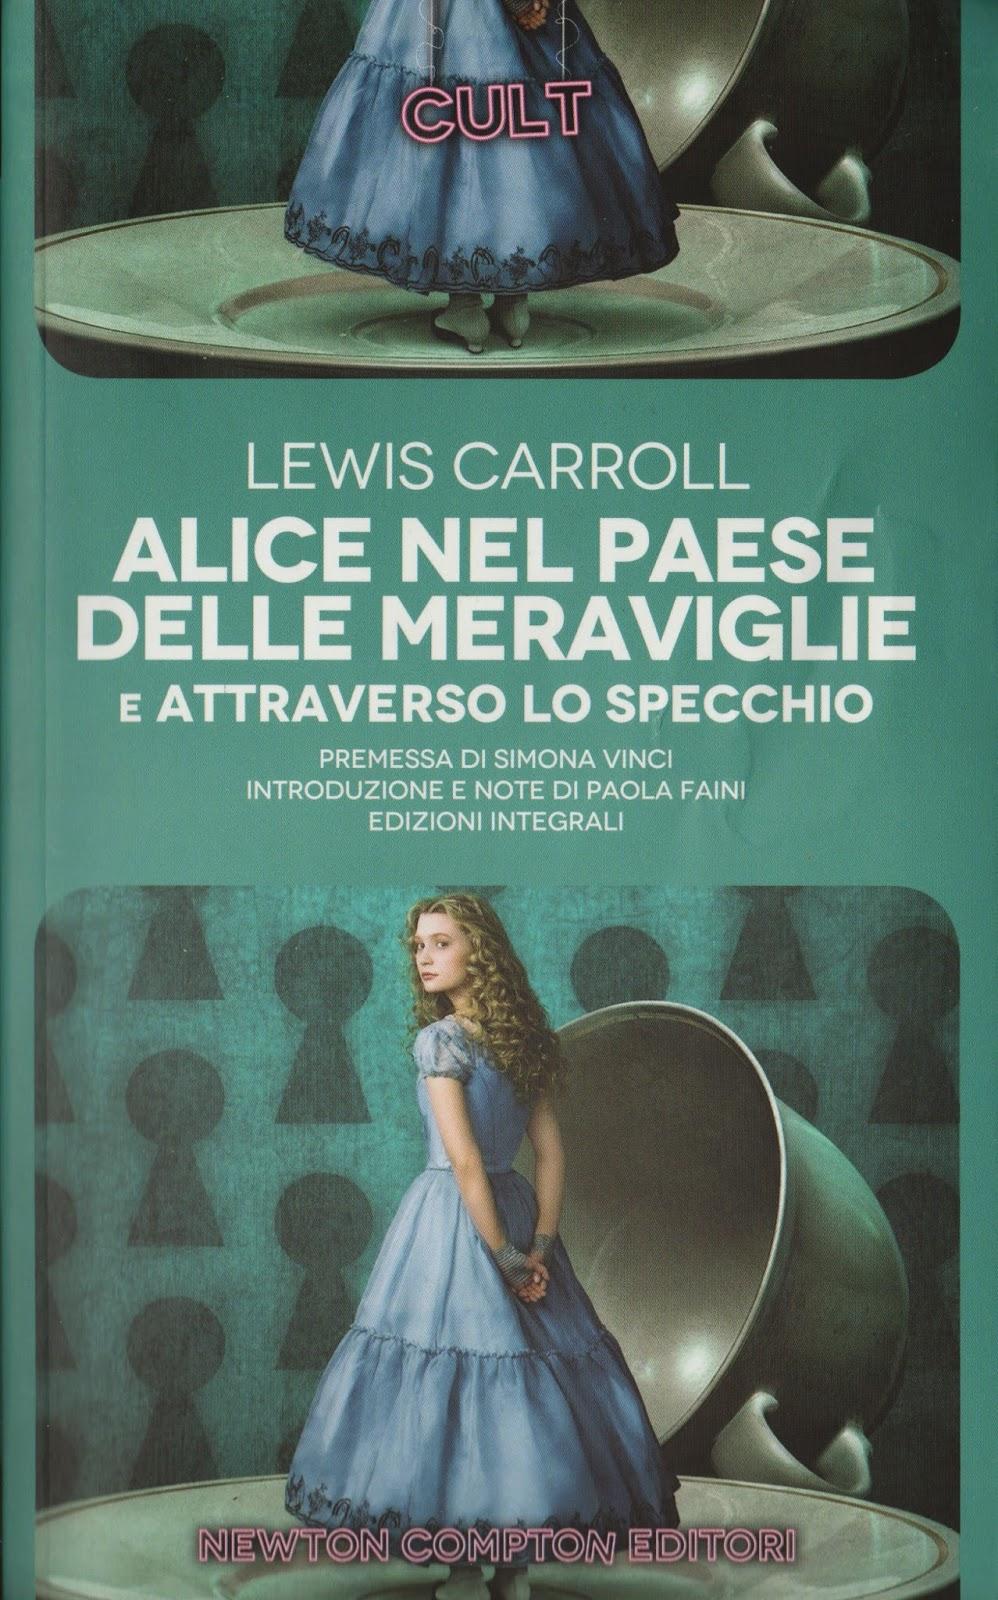 Lewis carroll alice nel paese delle meraviglie e attraverso lo specchio blog di stefano fiorucci - Alice e lo specchio ...